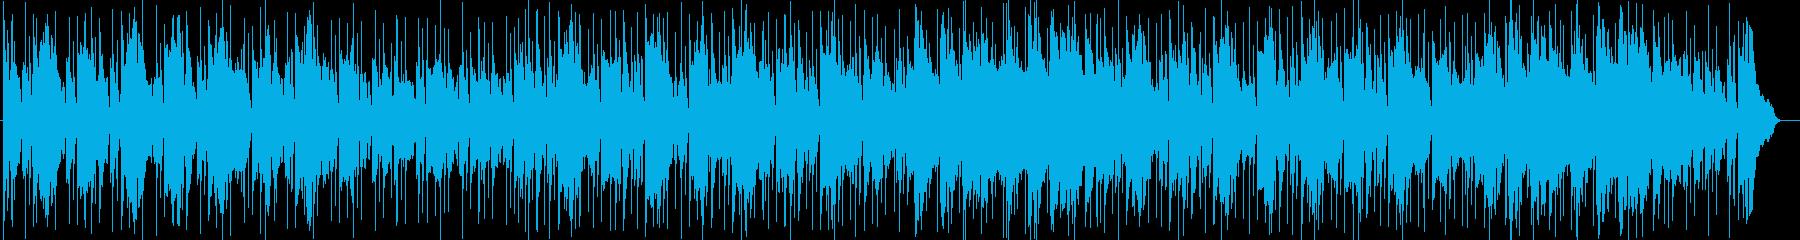 情報番組BGMシンセサイザーポップスの再生済みの波形